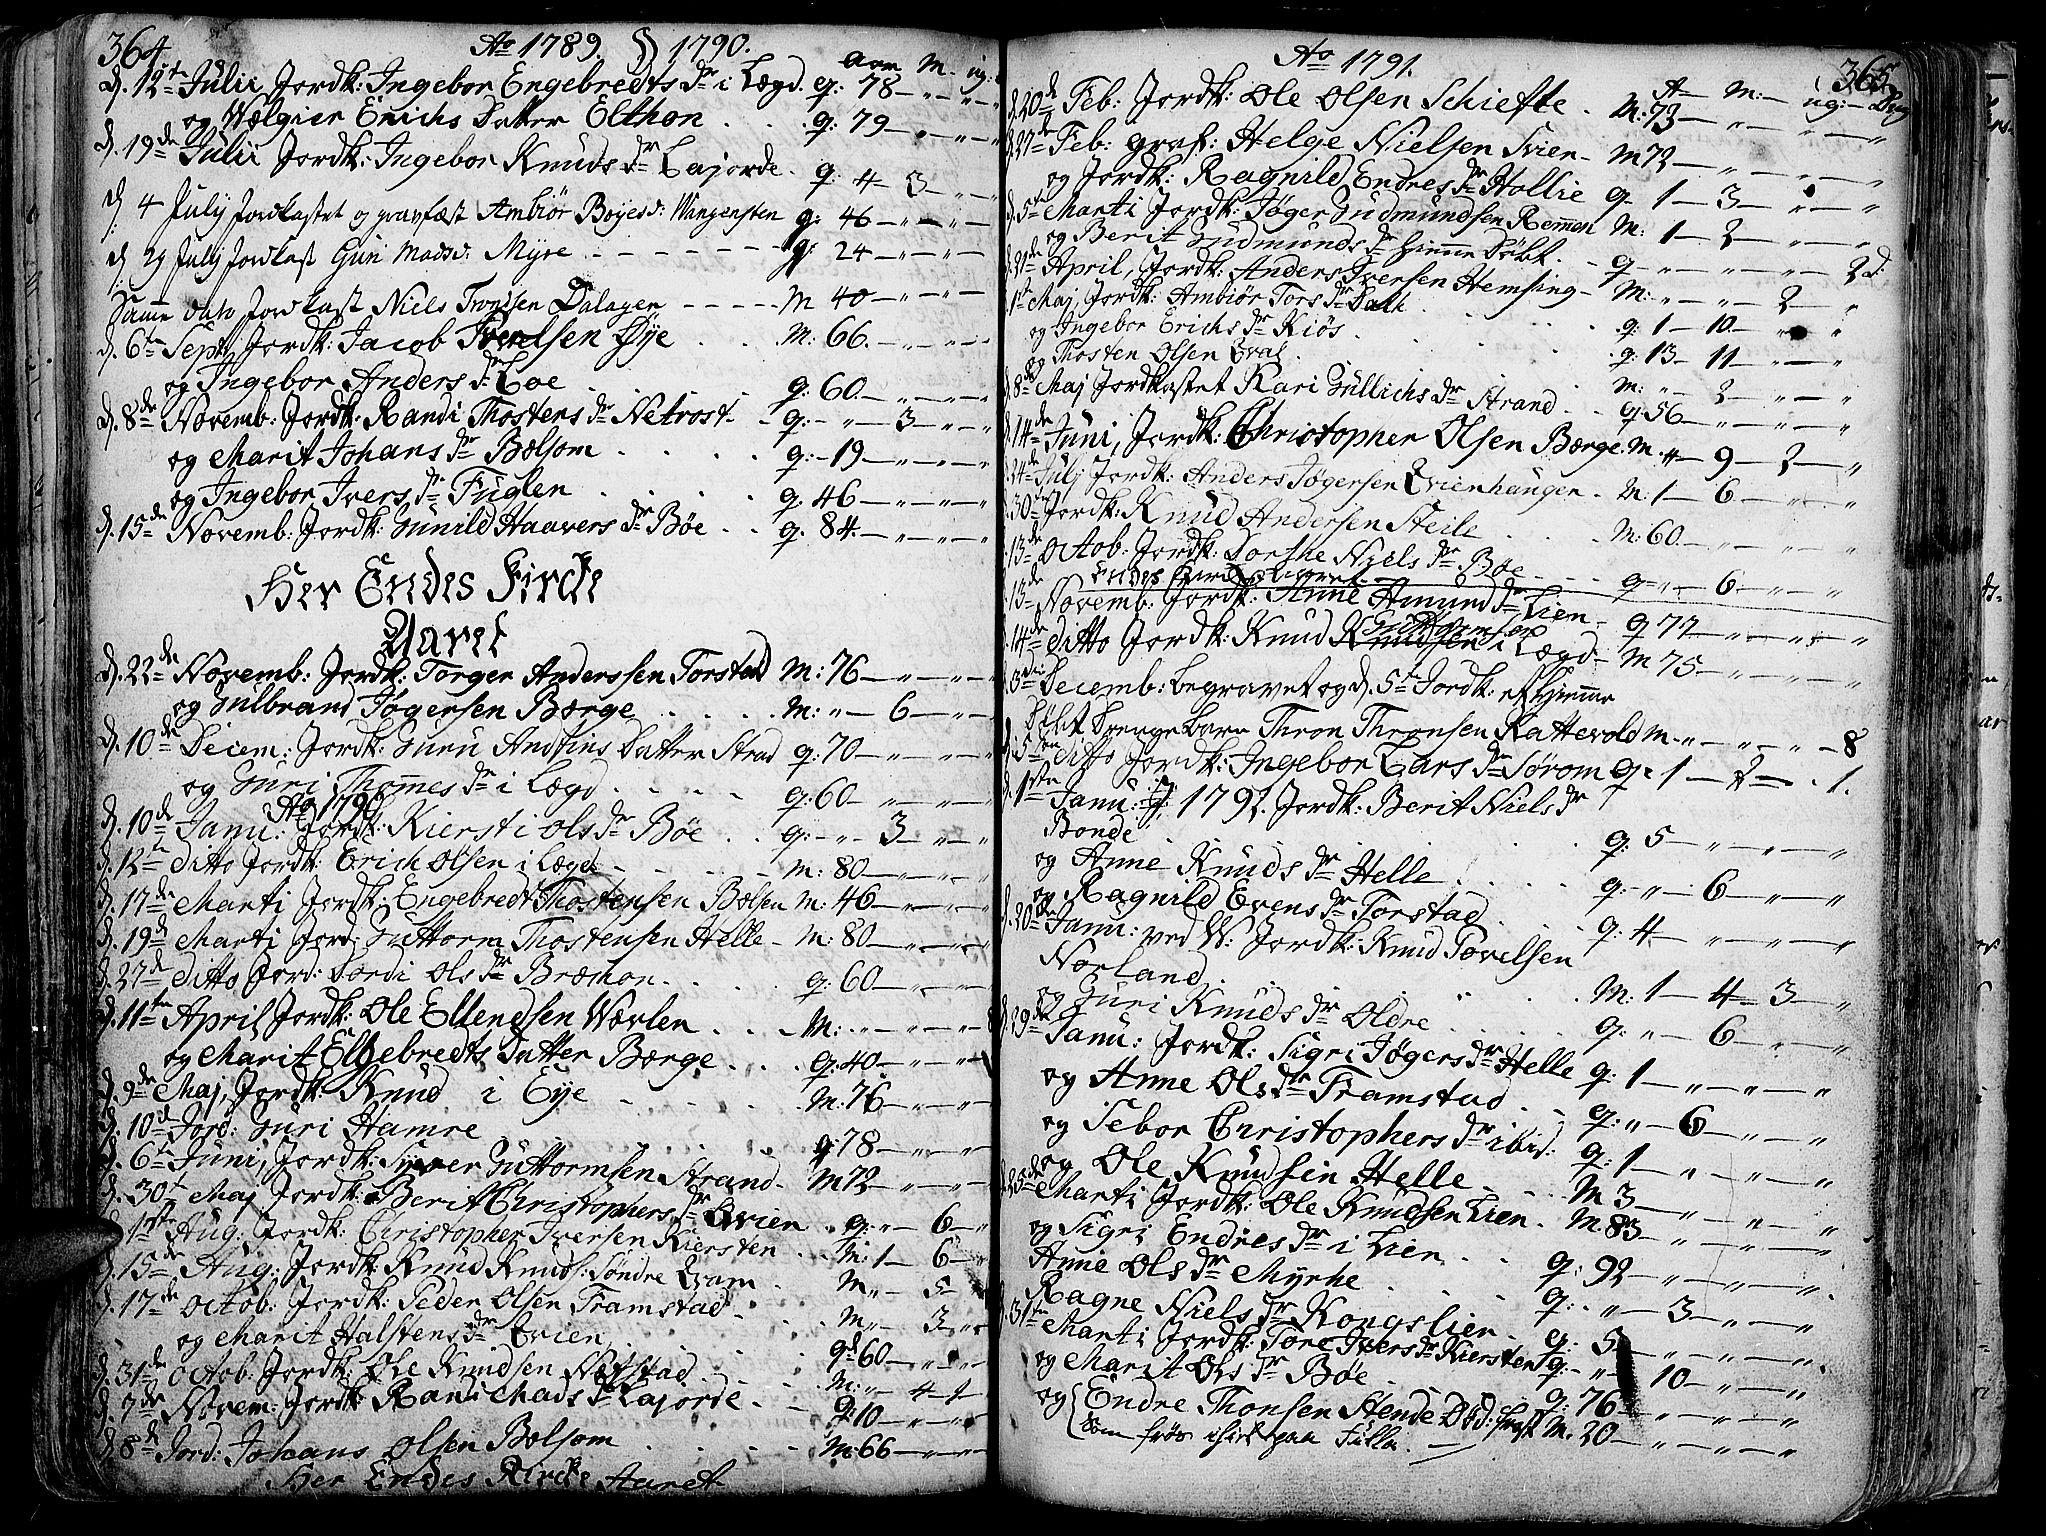 SAH, Vang prestekontor, Valdres, Ministerialbok nr. 1, 1730-1796, s. 364-365